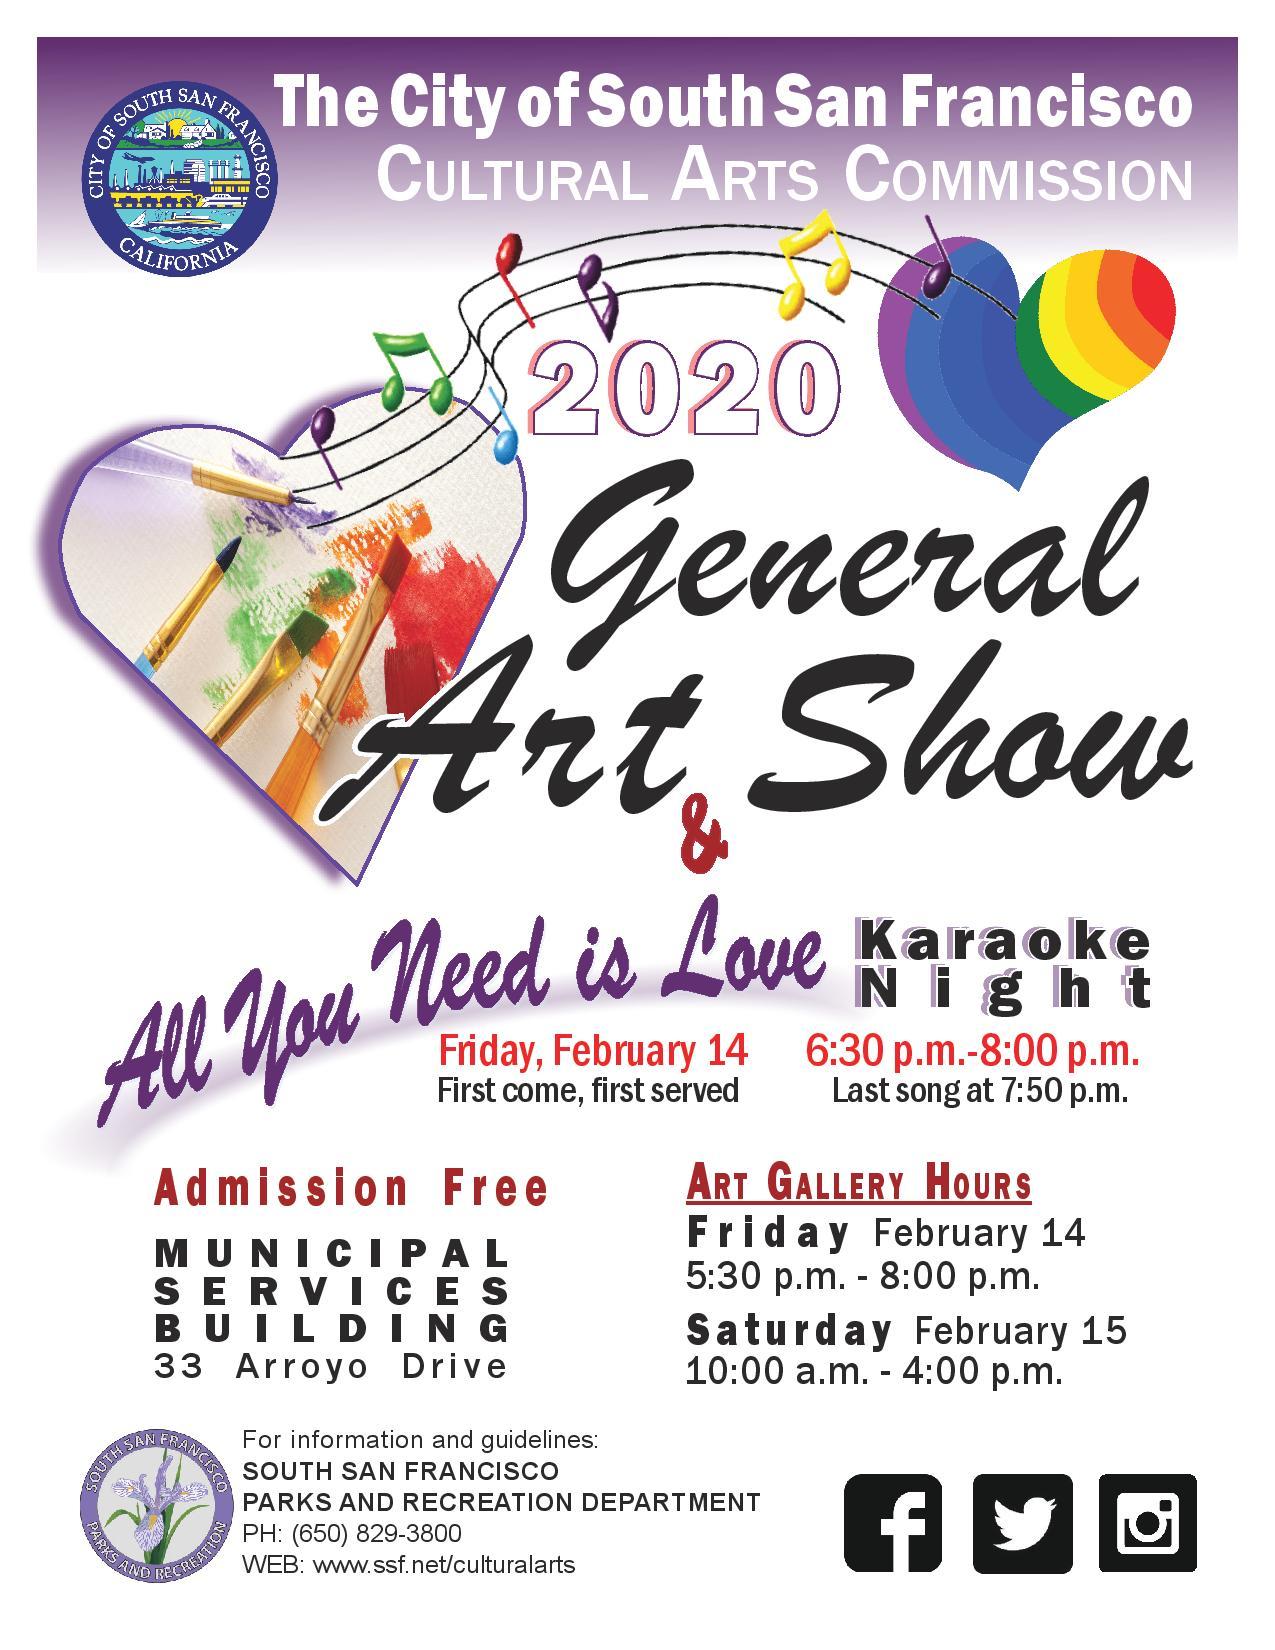 SSF 2020 General Art Show & Karaoke Nite FLYER-page-001